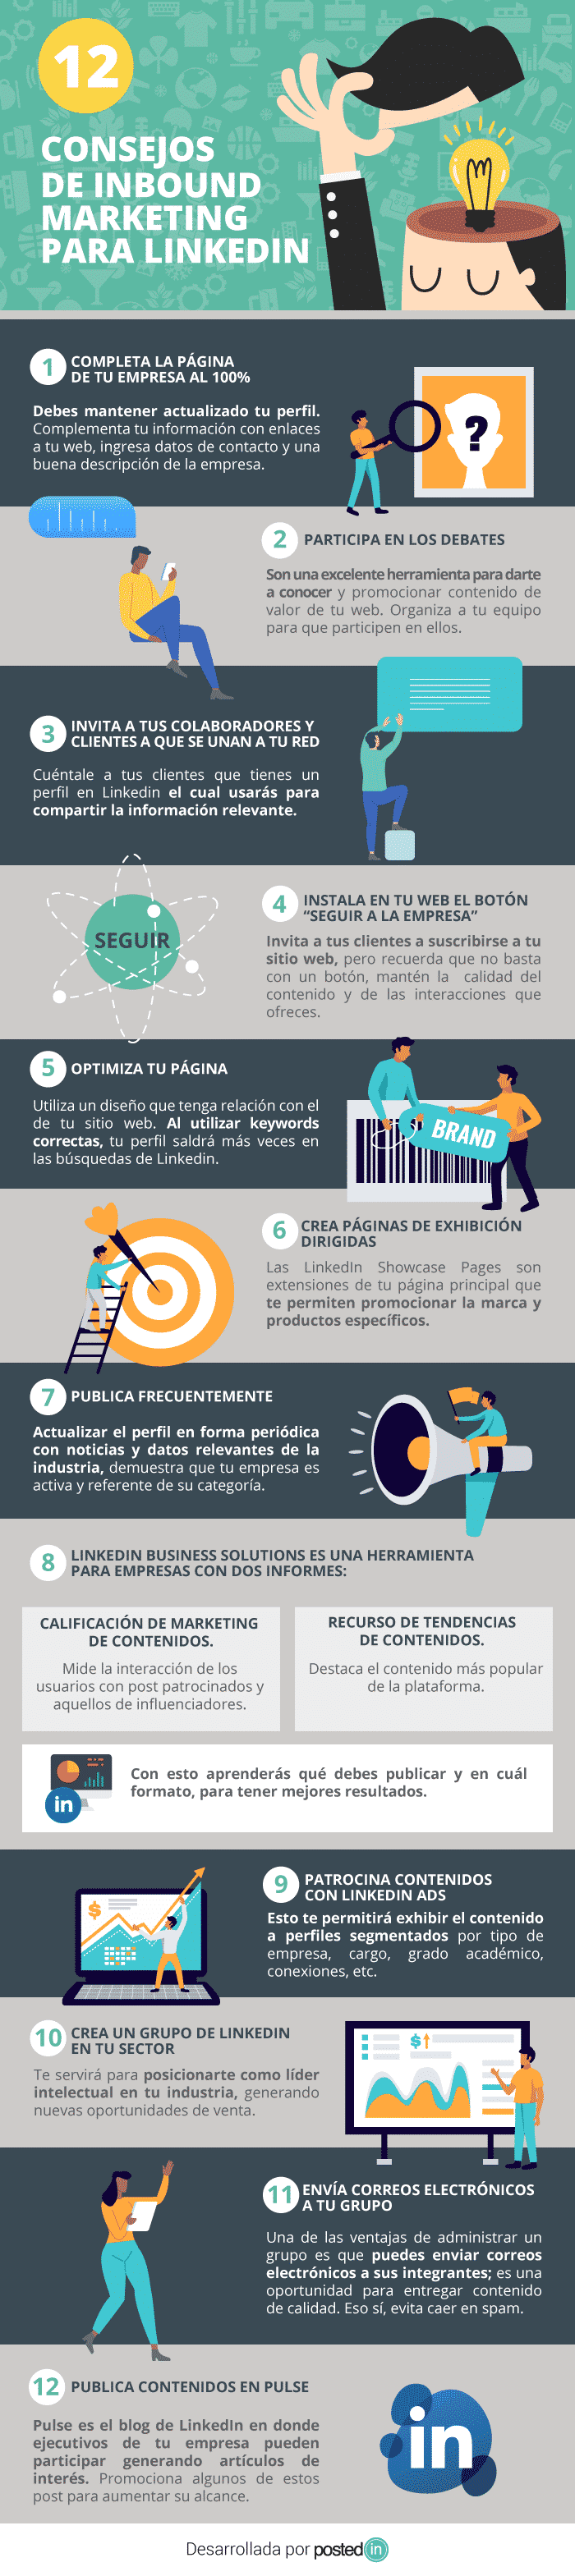 12 consejos de Inbound Marketing para LinkedIn